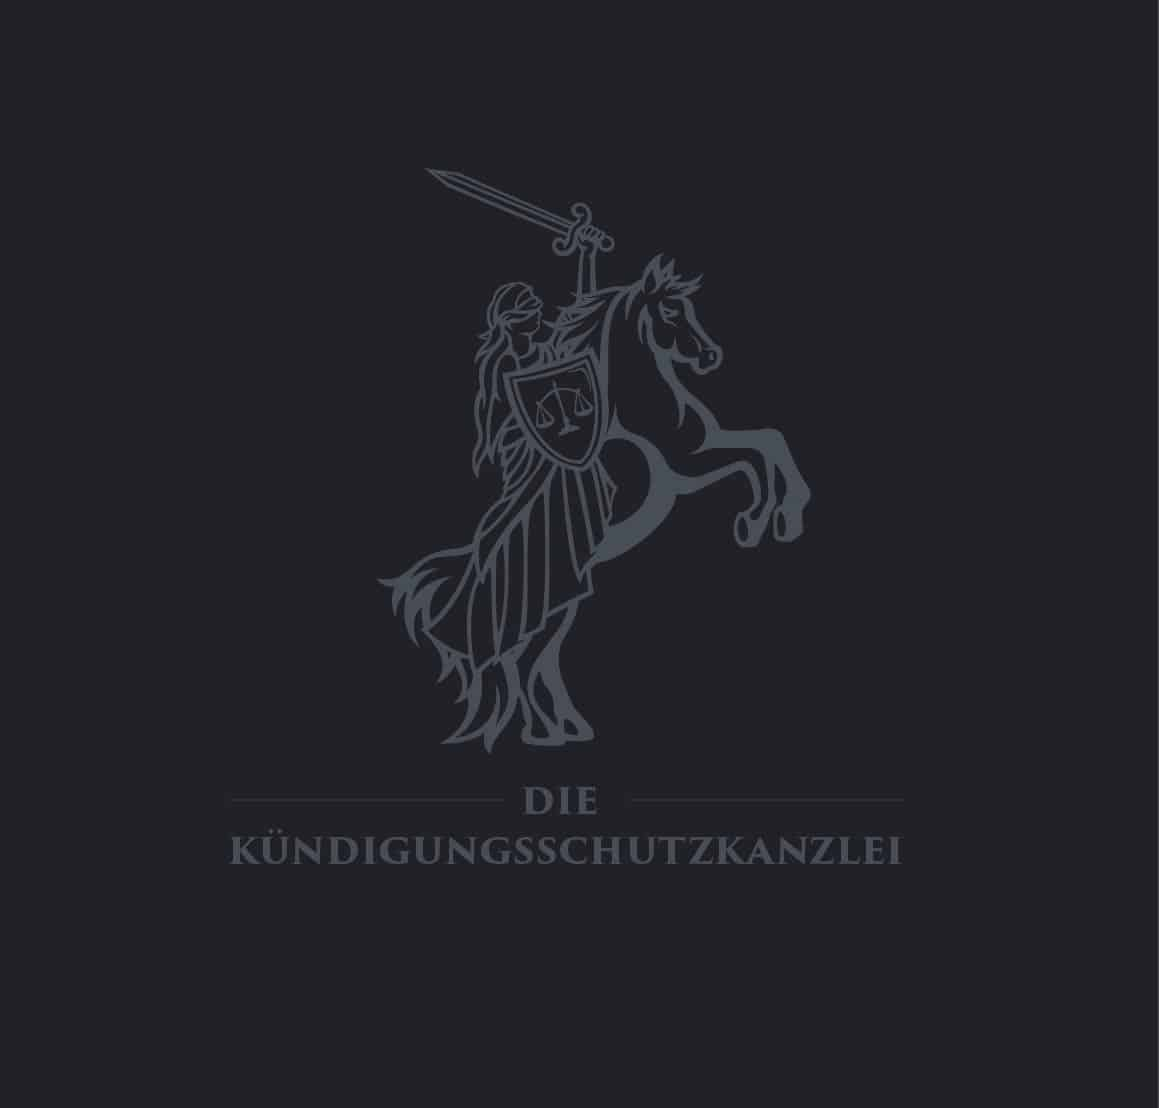 Logo Design Die Kündigungsschutzkanzlei auf dunklem Hintergrund in Hellgrau